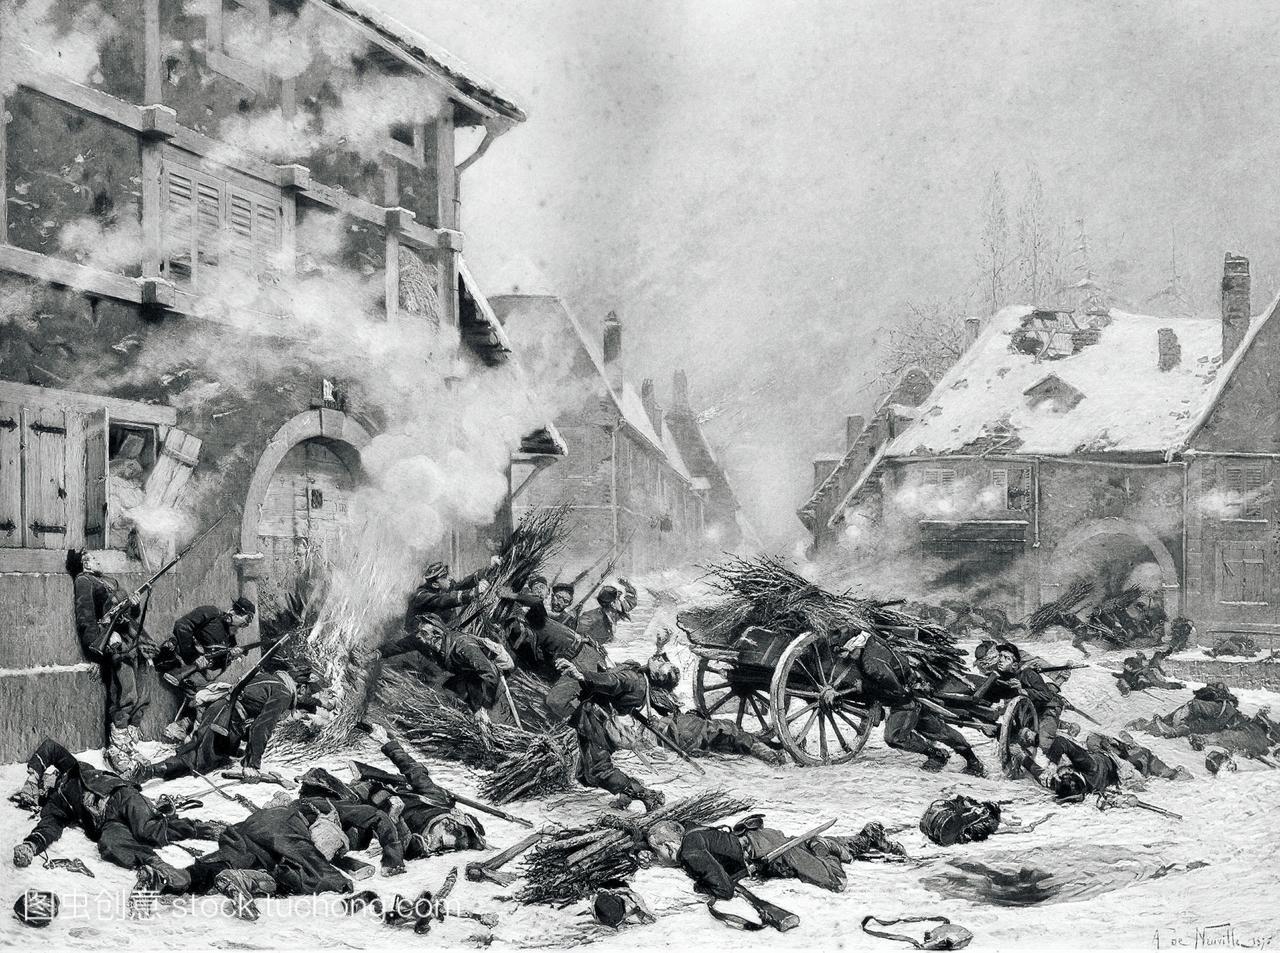 1870年至1871年法国普鲁士战争期间,法国艺术